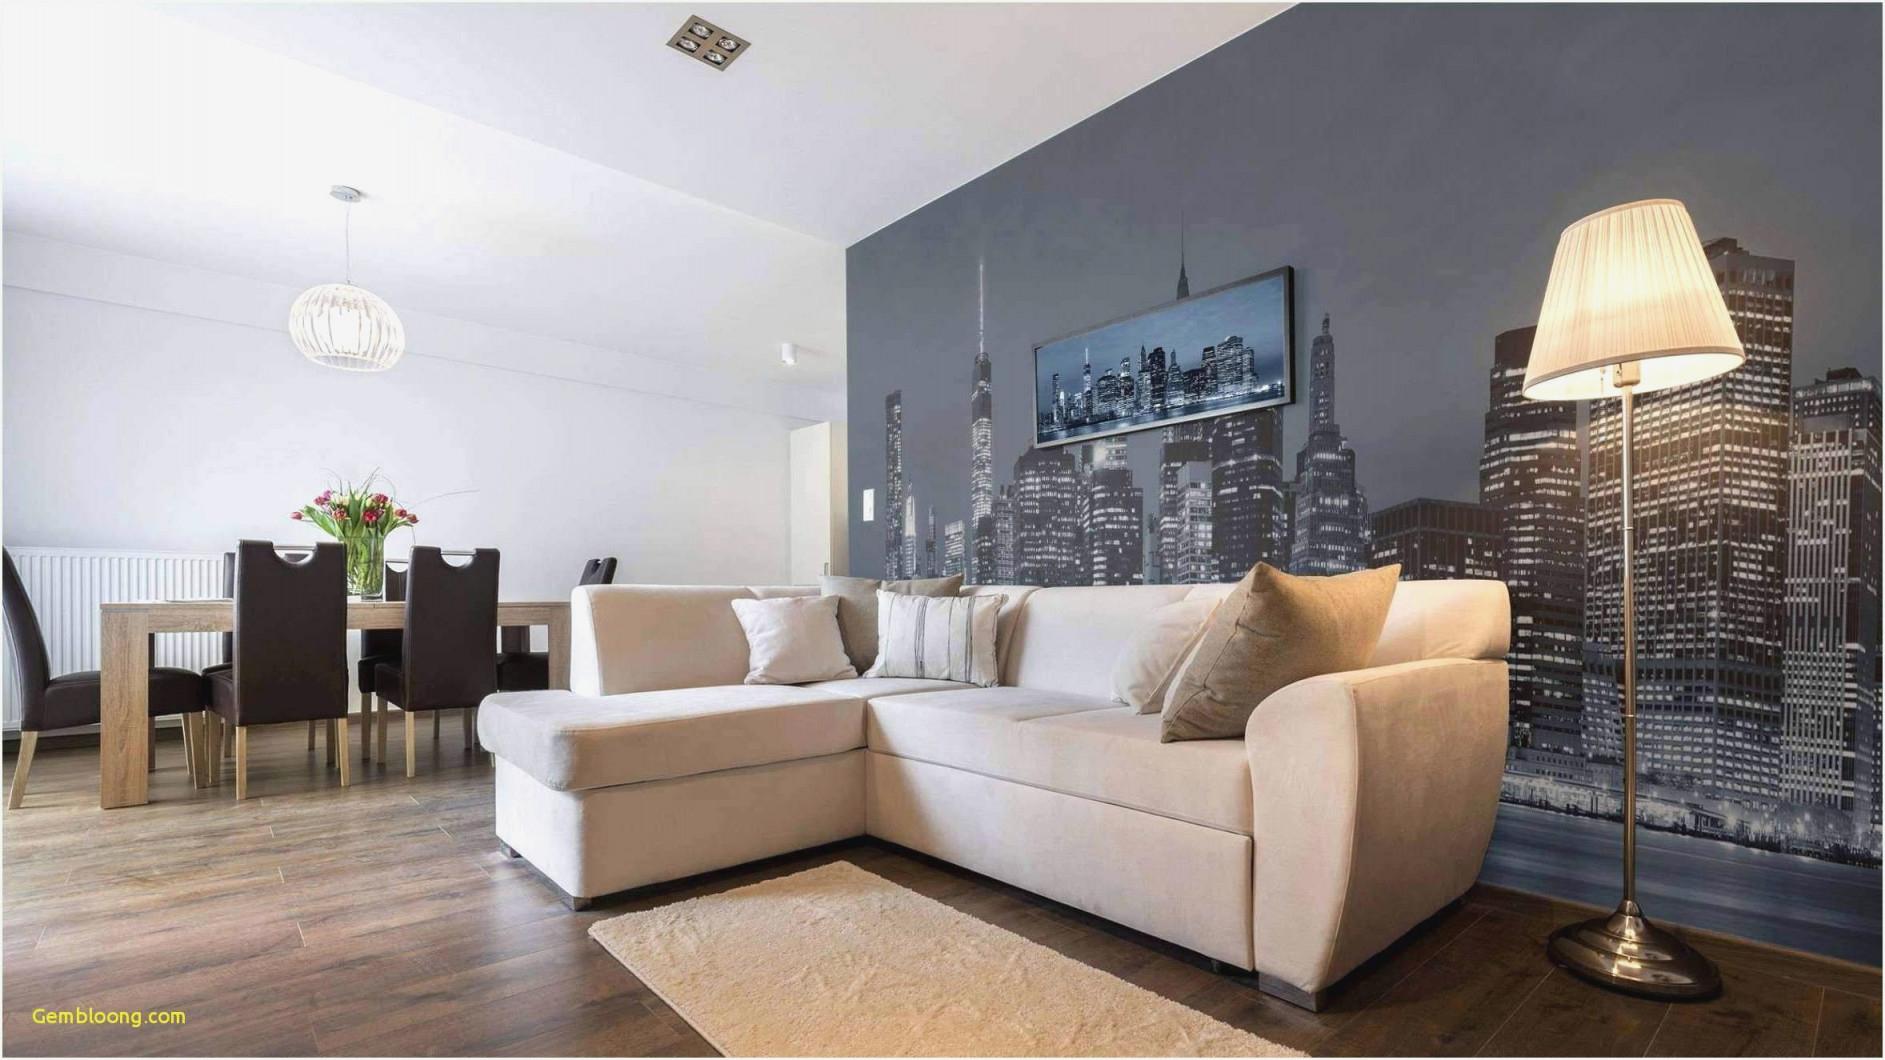 Ideen Wanddeko Wohnzimmer Modern  Wohnzimmer  Traumhaus von Moderne Wanddekoration Wohnzimmer Photo